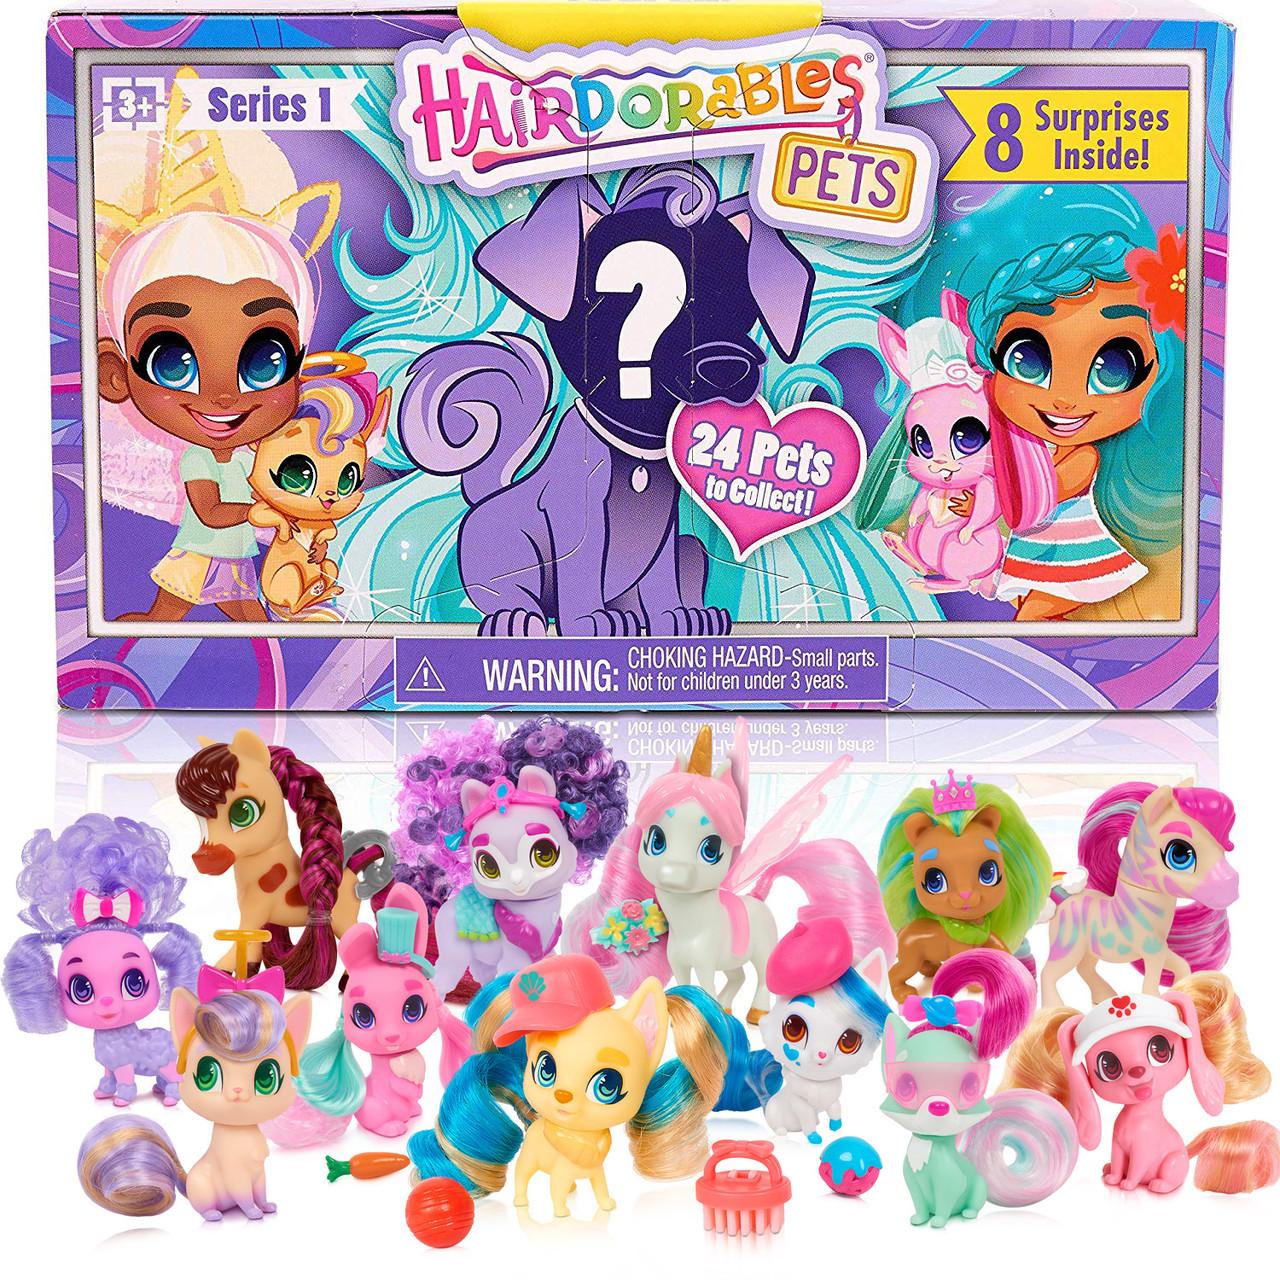 Питомцы Хэрдораблс зверюшки Петс сюрприз США Hairdorables Pets Set